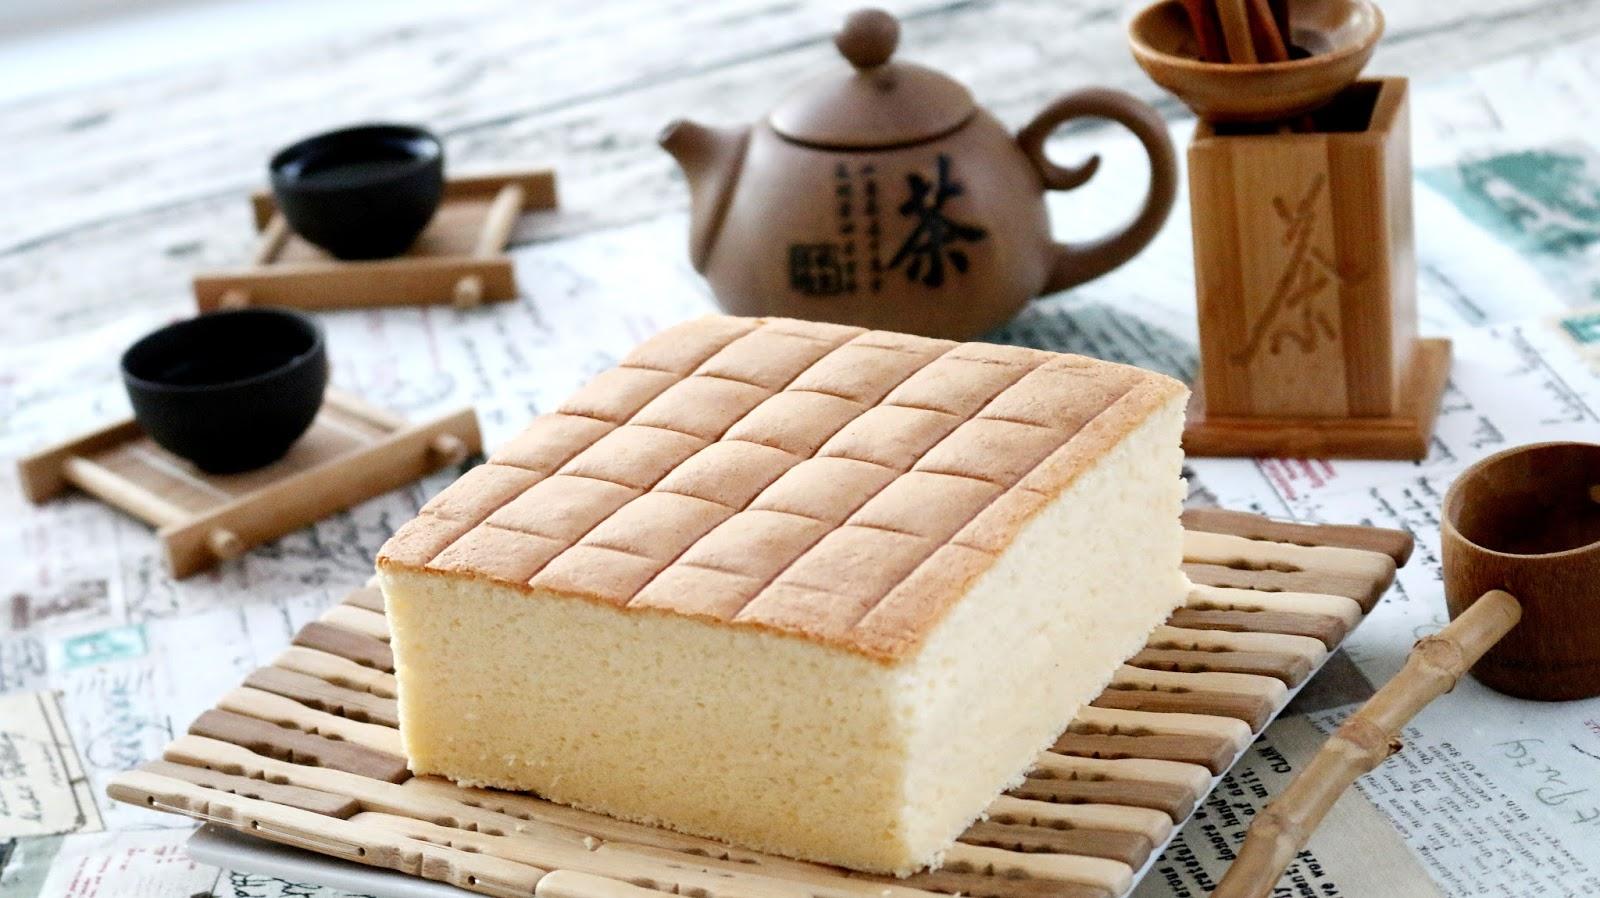 Josephine S Recipes How To Make Cotton Soft Sponge Cake